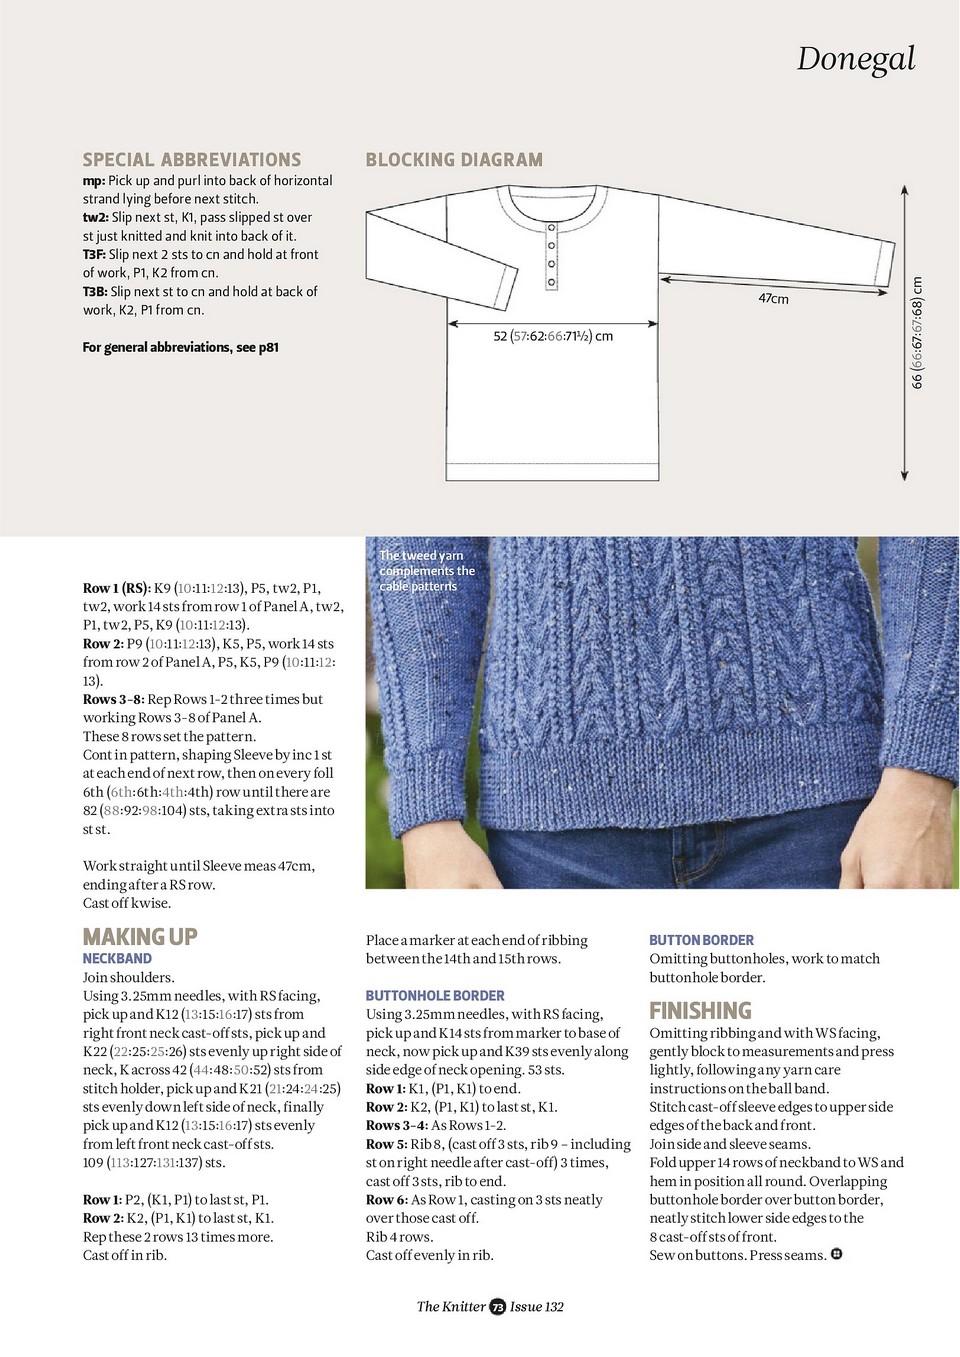 132The-Knitter-074